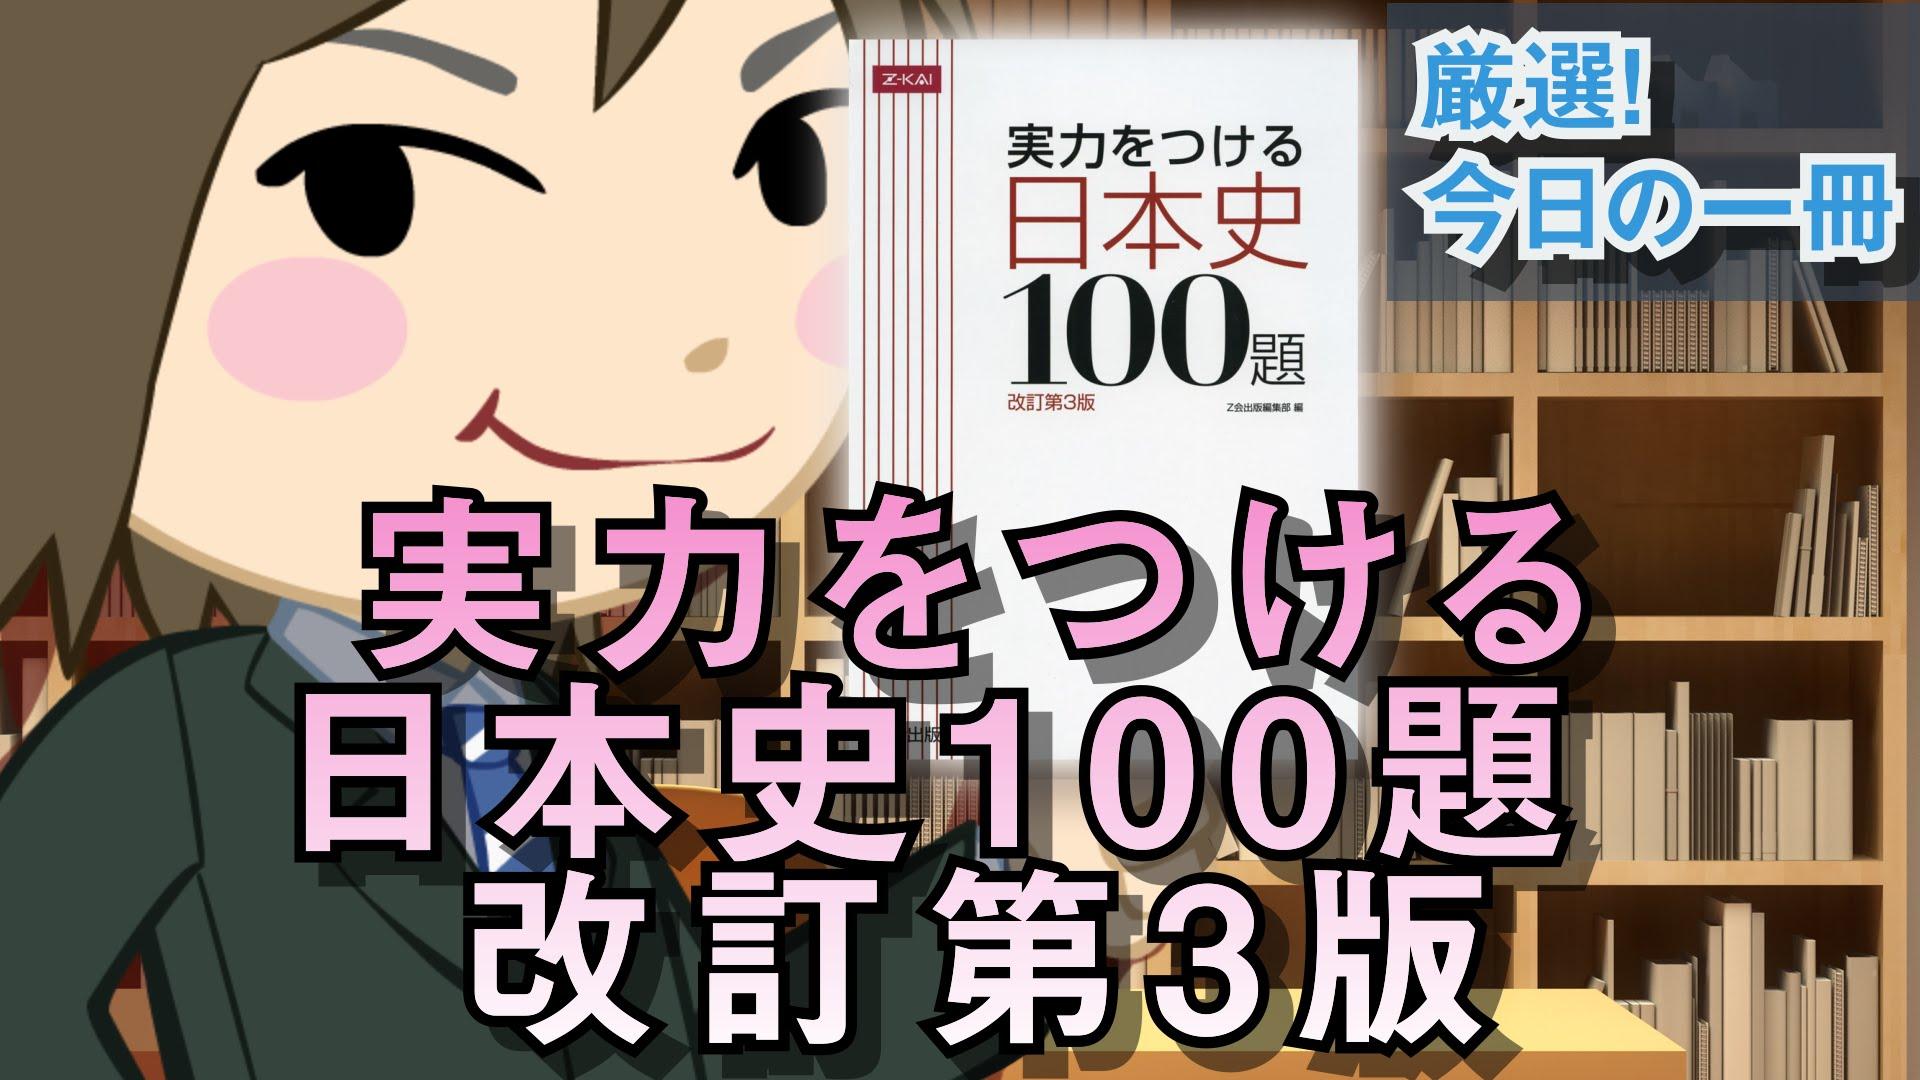 実力をつける 日本史 100題 [改訂第3版]|武田塾厳選!今日の一冊